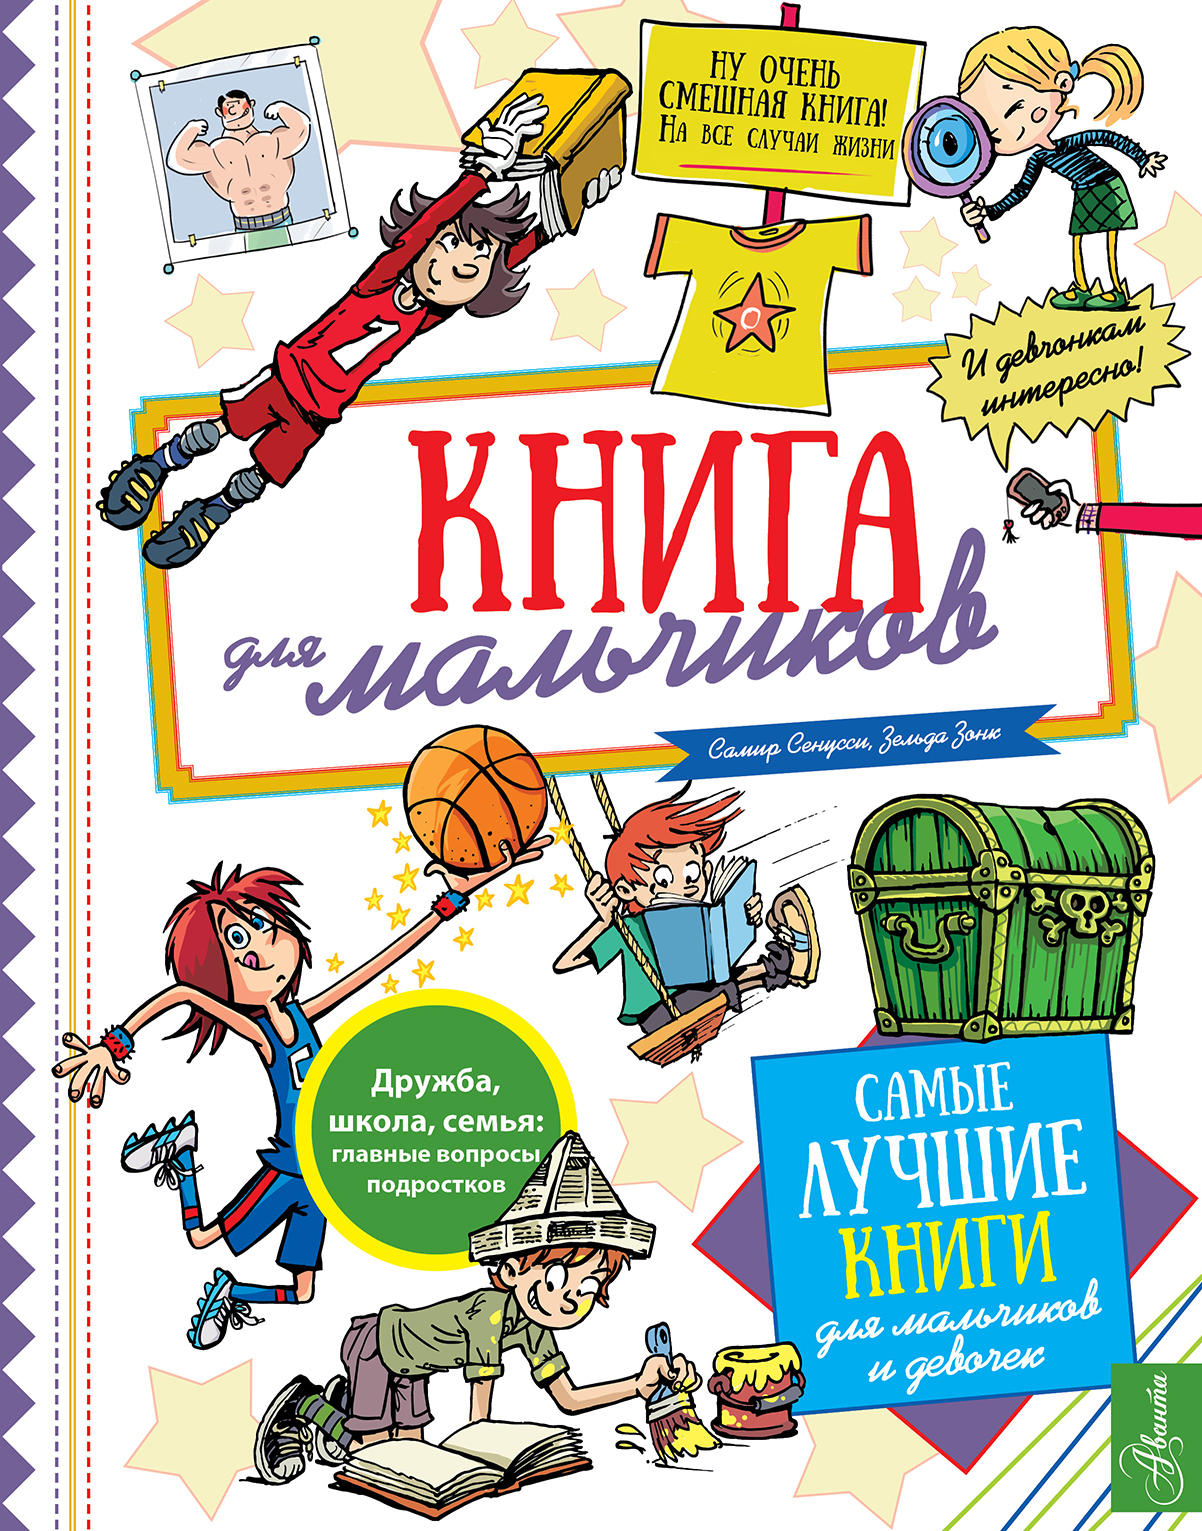 Книга для мальчиков королев в экономика и рынок для девчонок и мальчишек